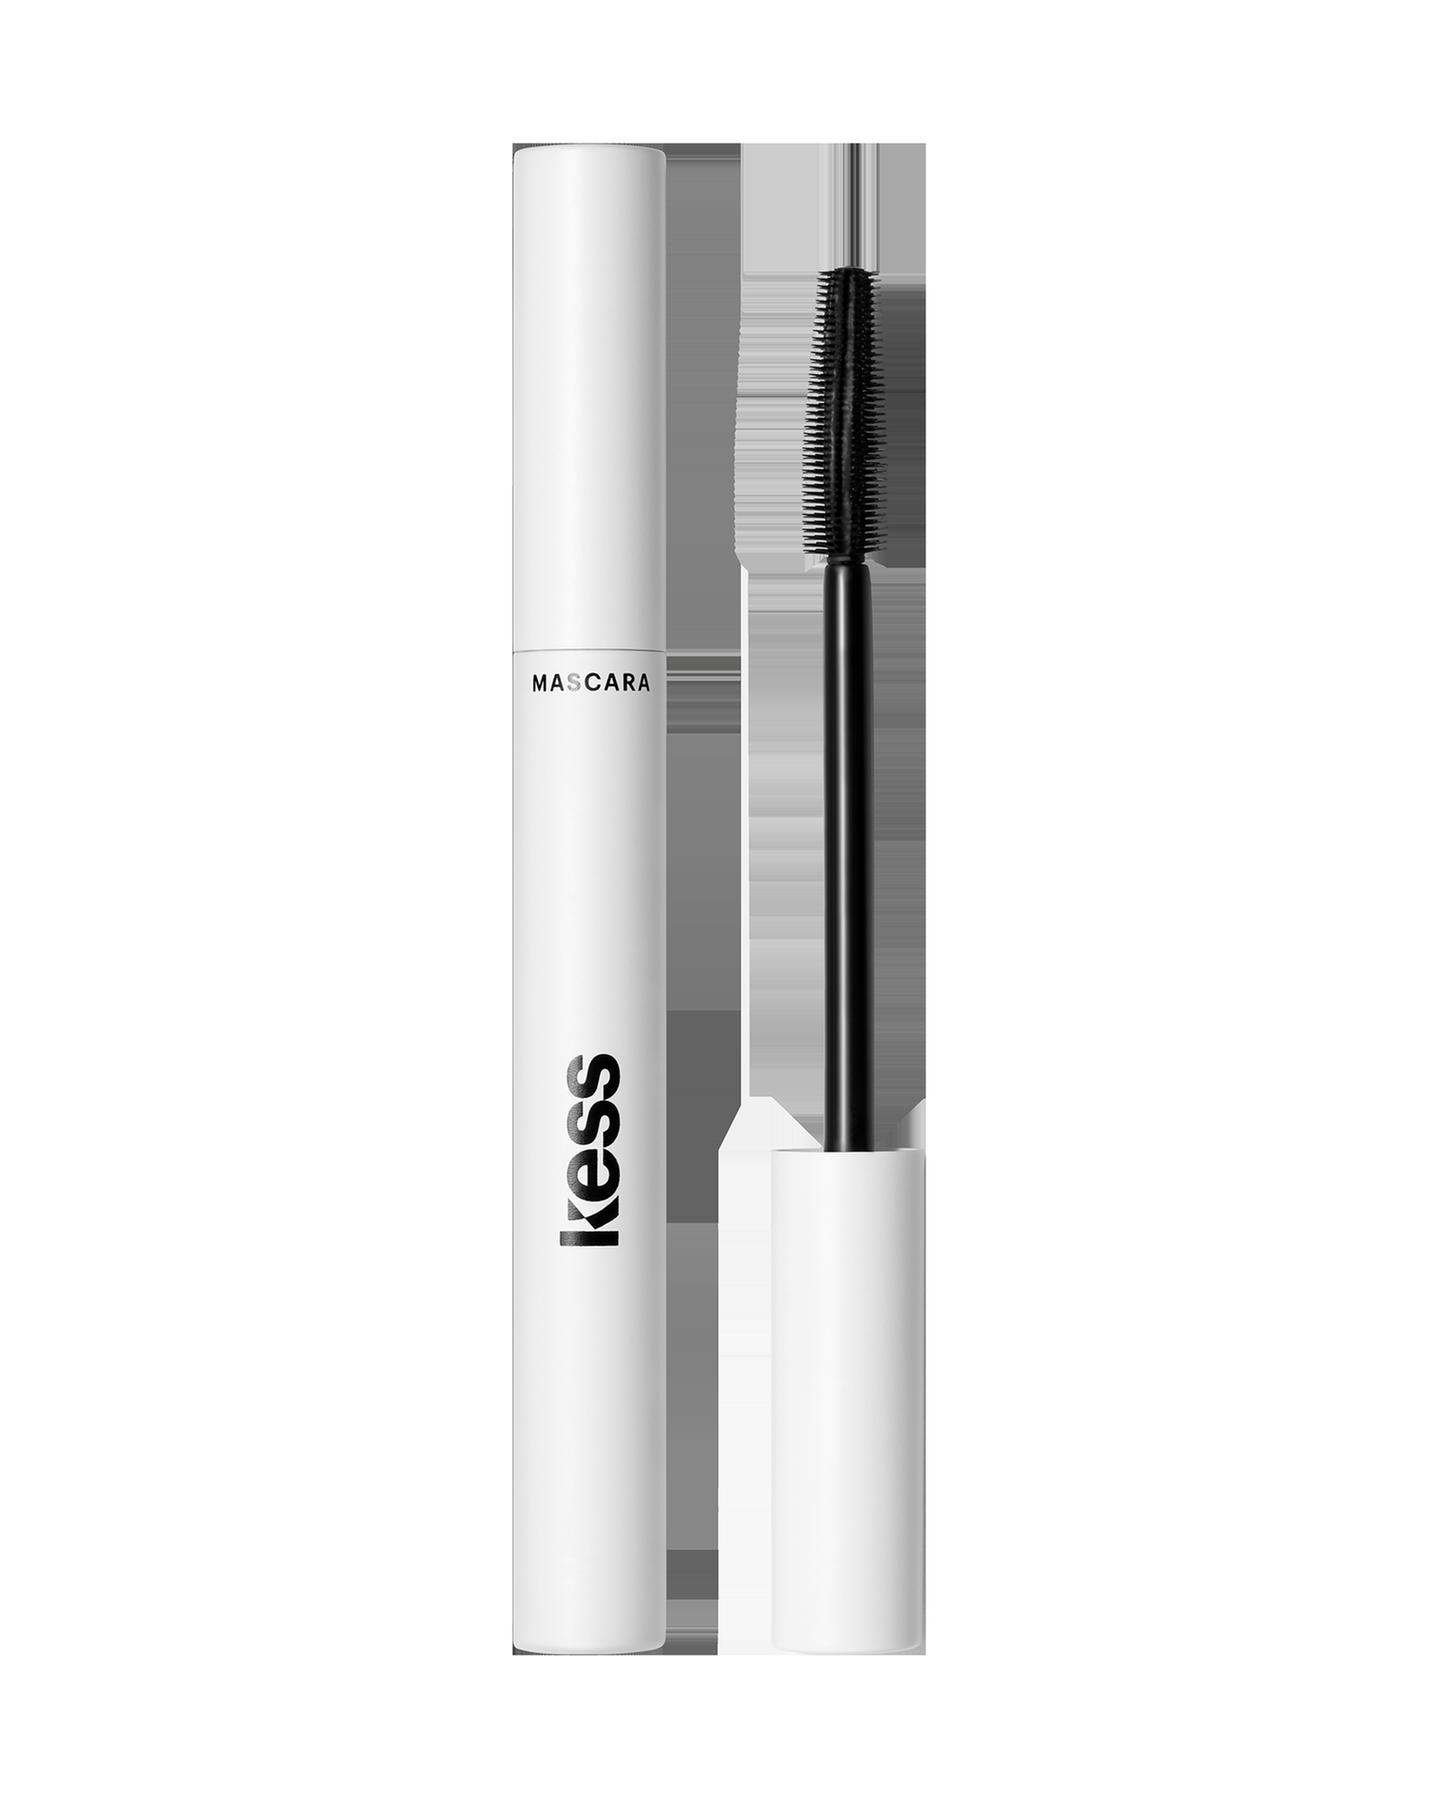 Natürliche Länge, Definition sowie Schwung und perfekt getrennte Wimpern ohne einen sichtbaren Mascara-Effekt? Die DAY Mascara von Kess ist der perfekte Begleiter für einen natürlich schönen Make-up-Look. Um 24 Euro.